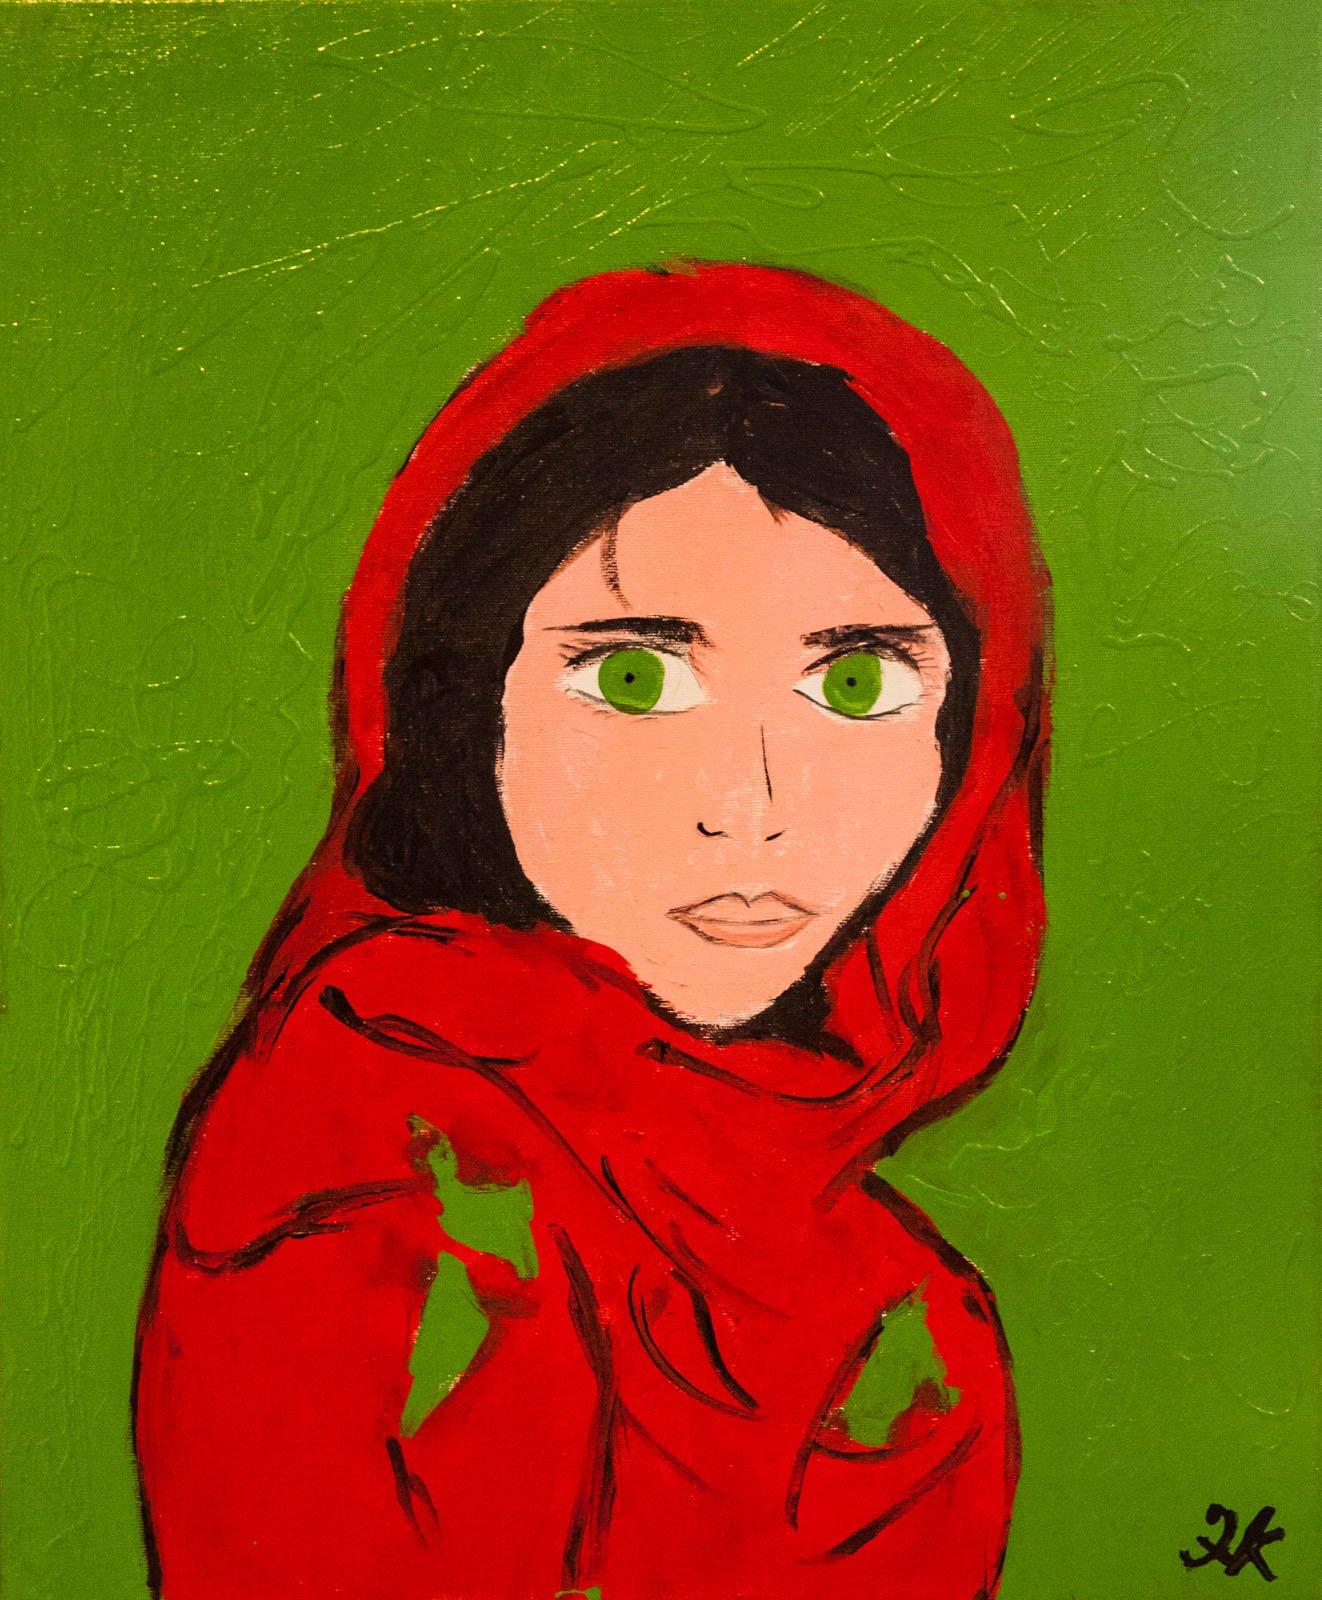 ragazza afgana